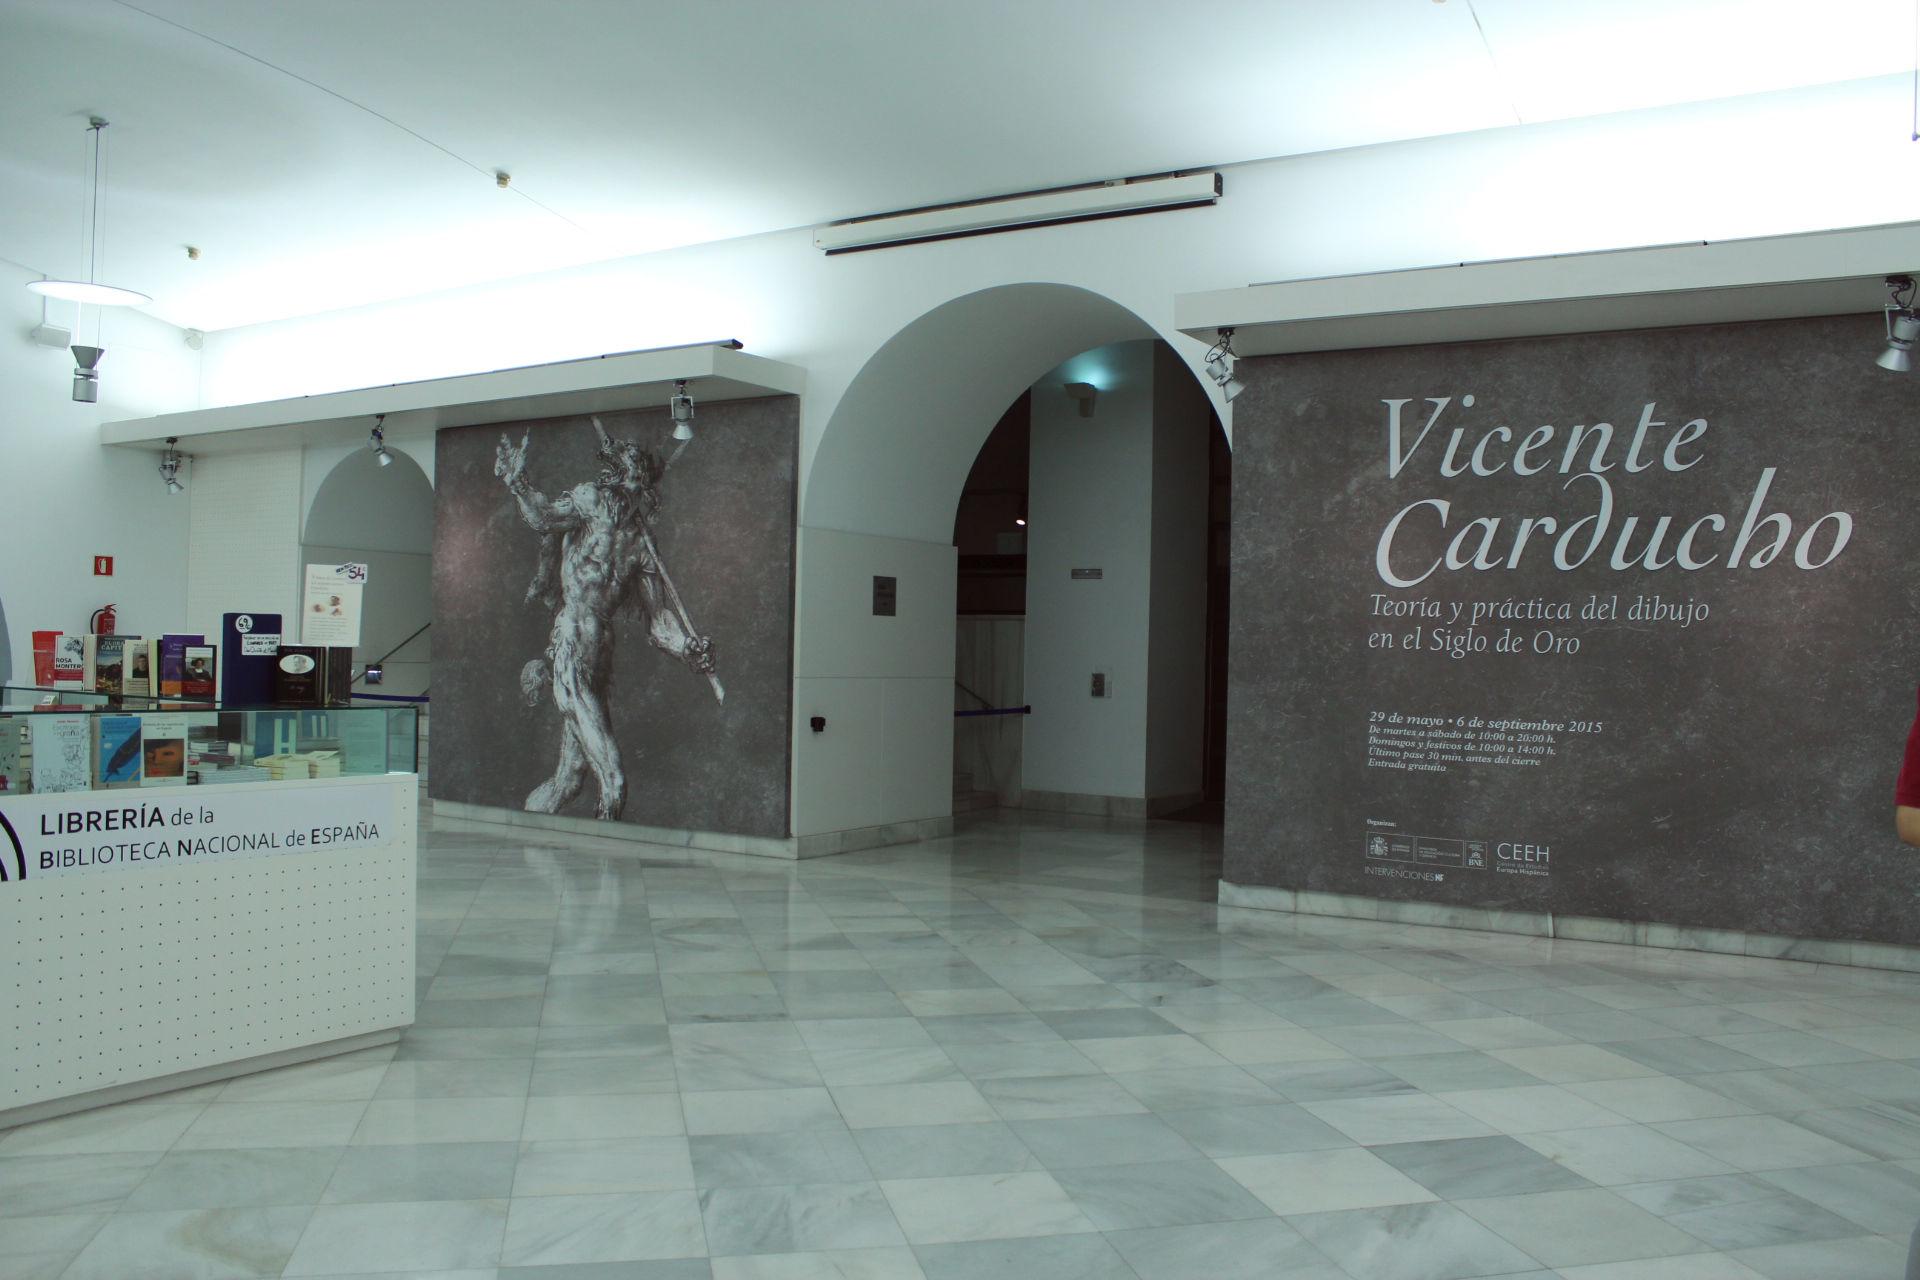 Vista de la entrada de la exposición en la Biblioteca Nacional.